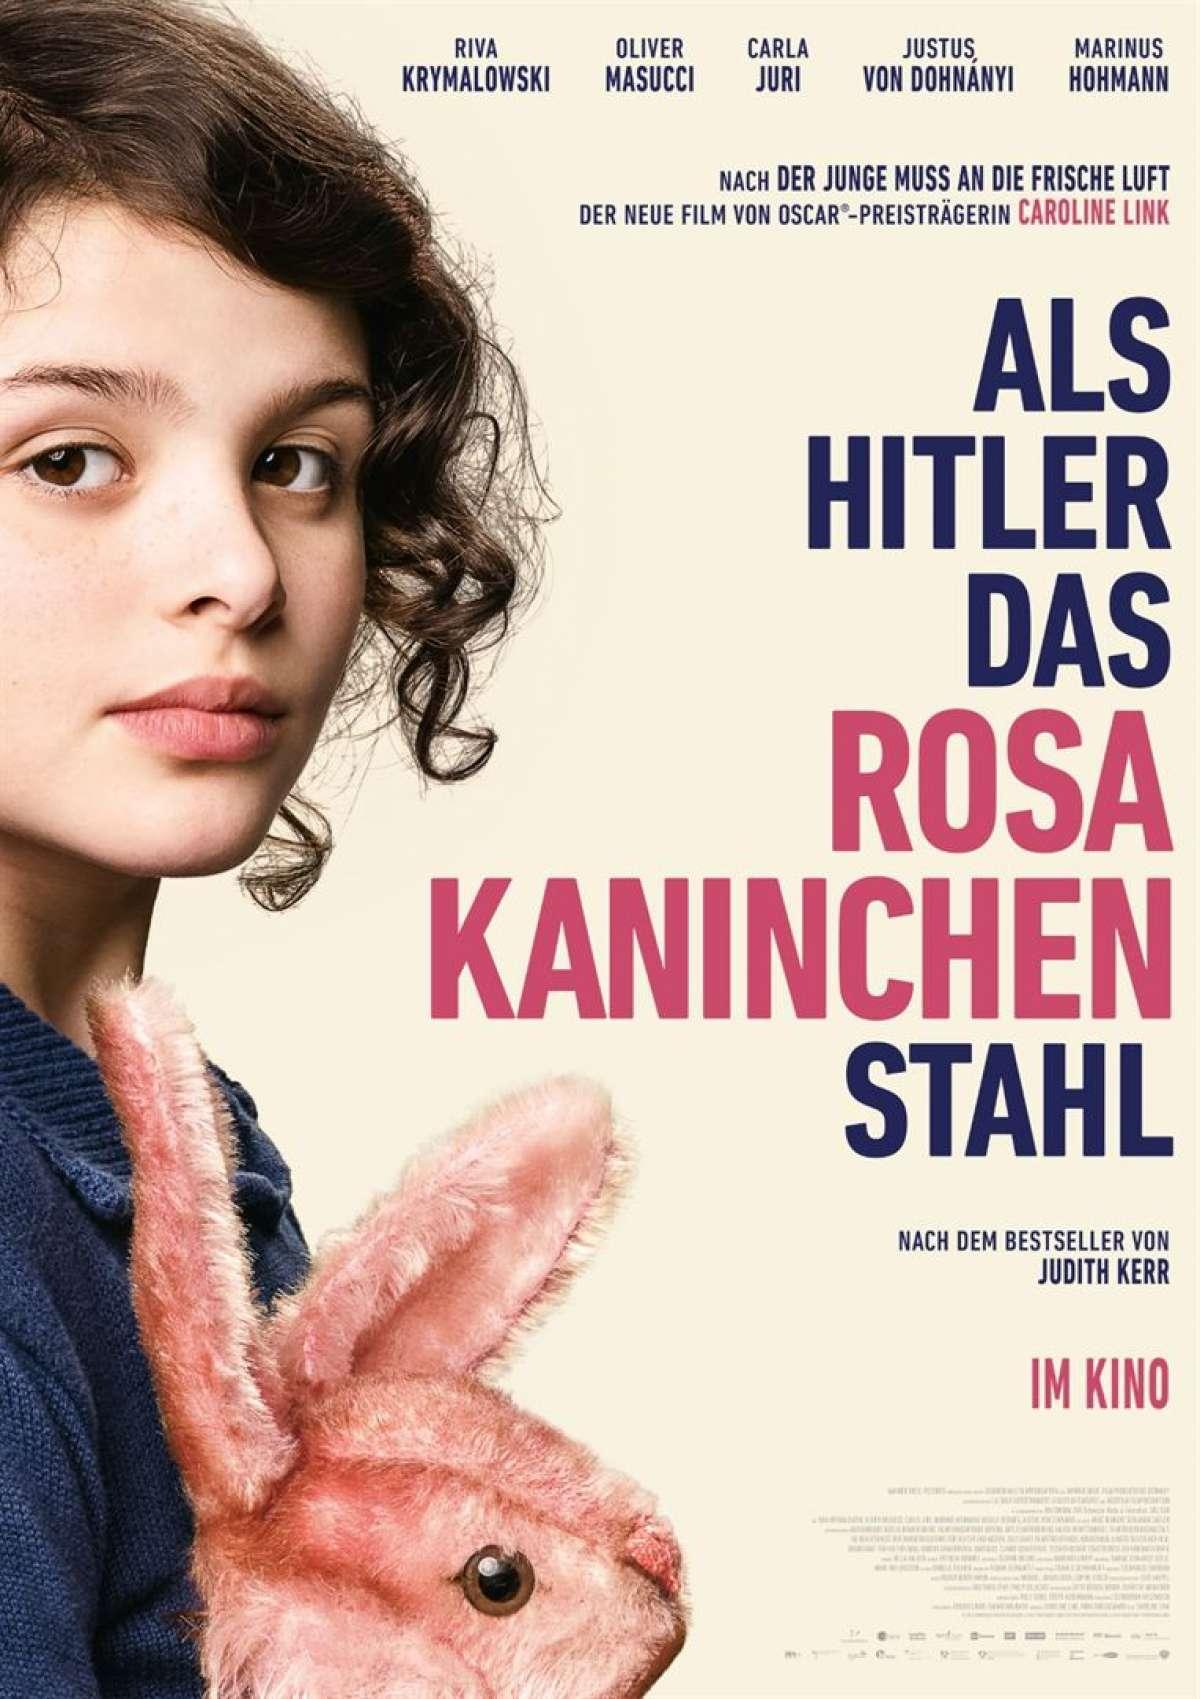 Als Hitler das rosa Kaninchen stahl - Cineplex  - Kassel